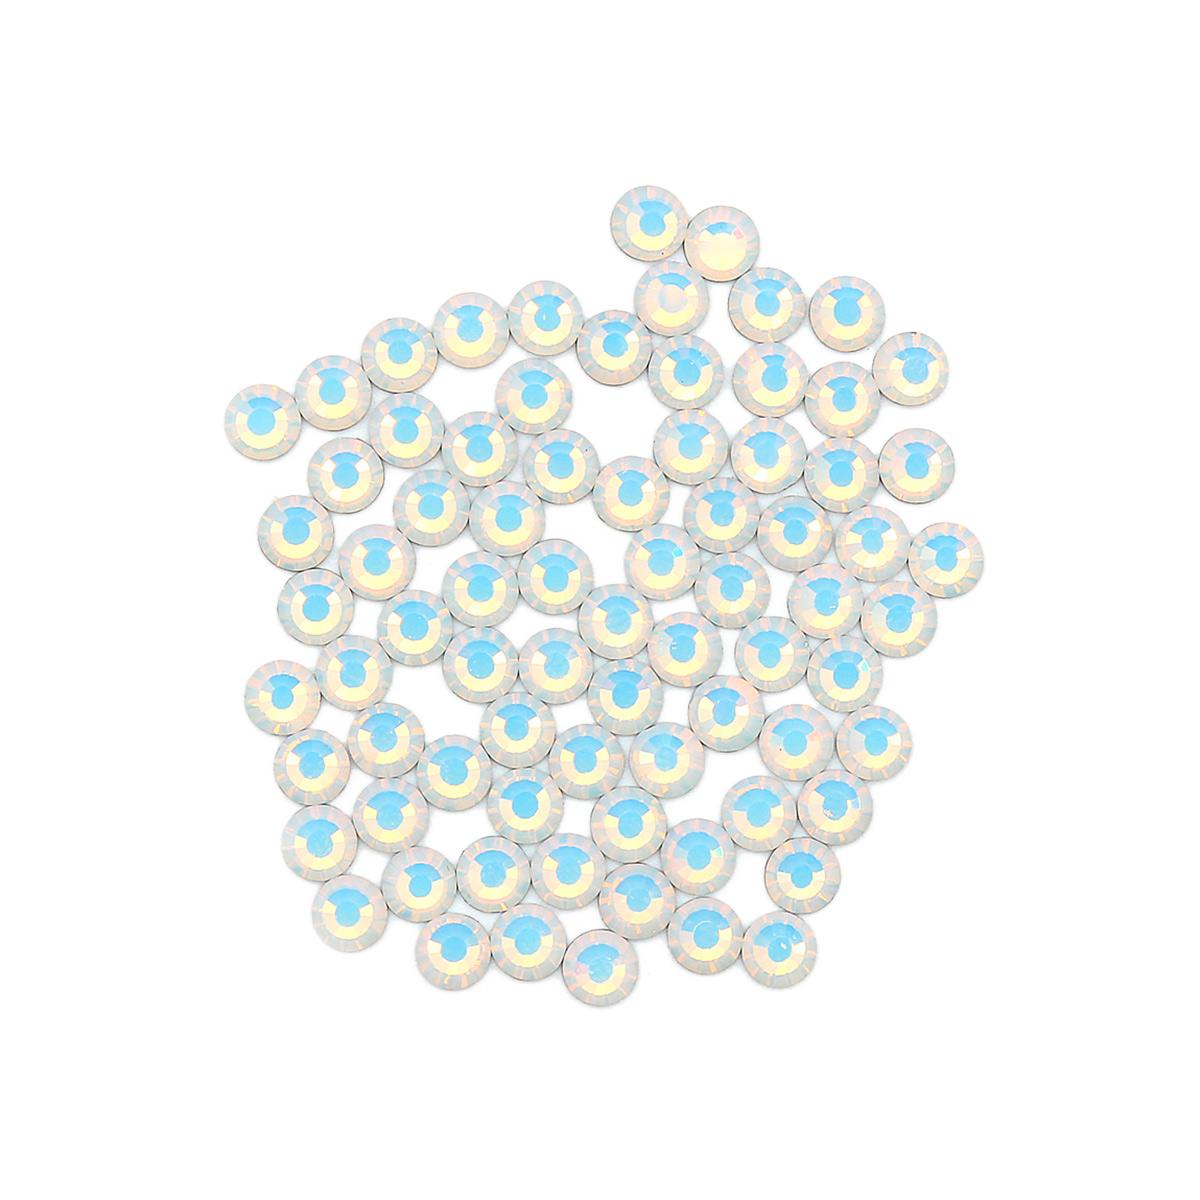 438-11-612 Стразы термоклеевые Wh.opal SS16 80шт Preciosa